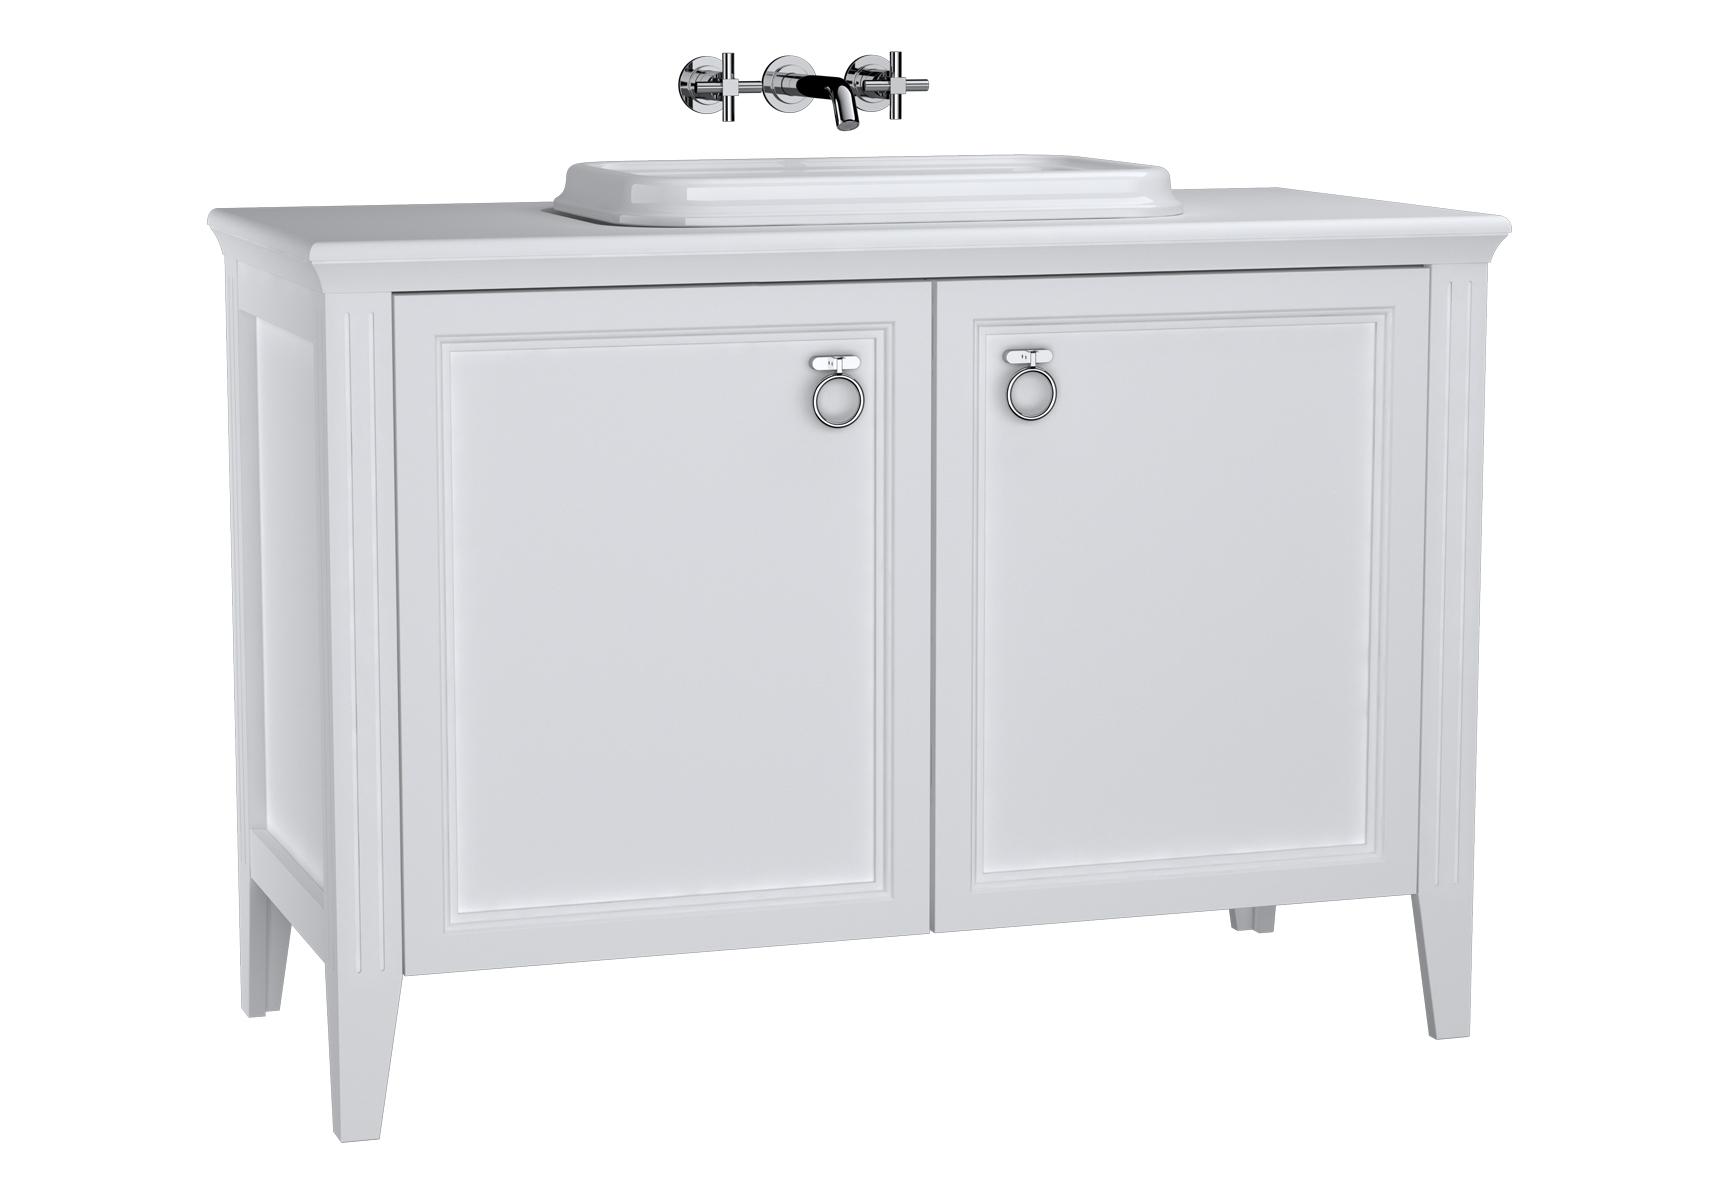 Valarte meuble sous vasque encastrée, 120 cm, avec portes, blanc mat